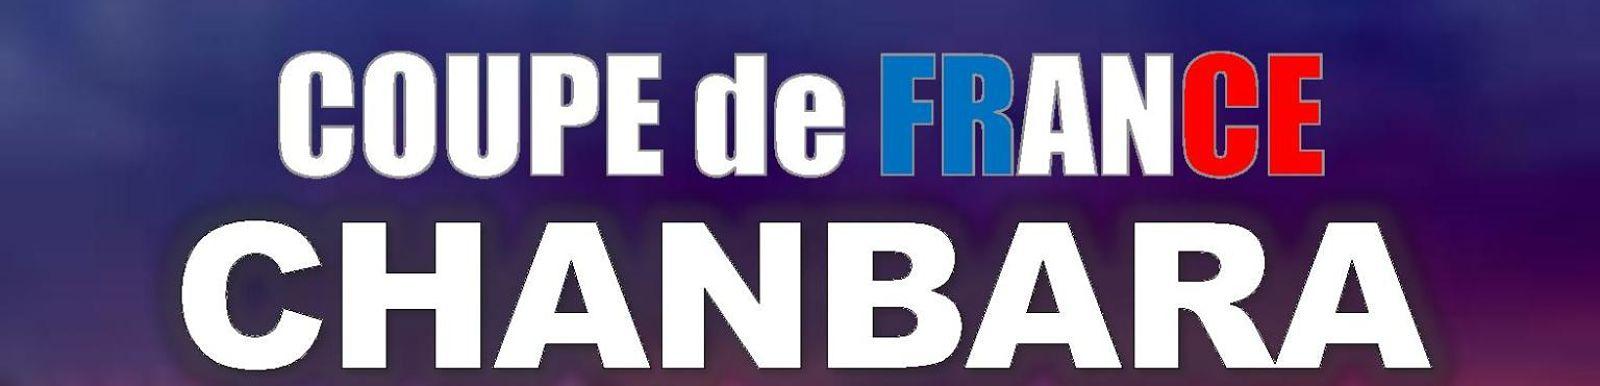 Affiche-Coupe-de-France-de-Sport-chanbara-V7-page-001_opt